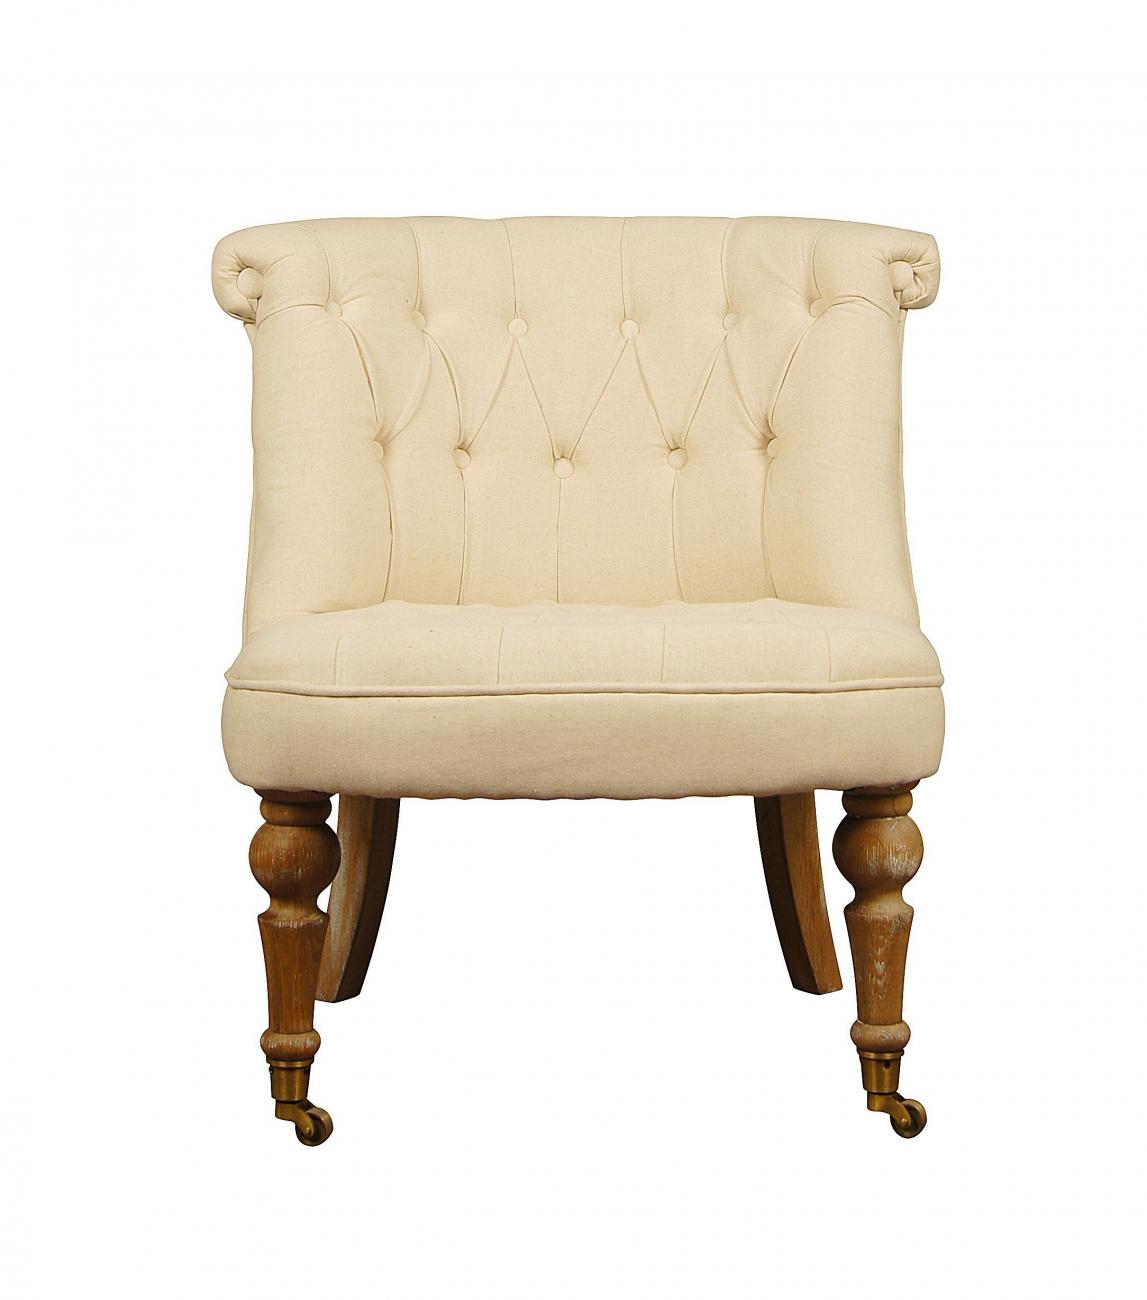 Купить Мягкое бежевое кресло (модерн) в интернет магазине дизайнерской мебели и аксессуаров для дома и дачи